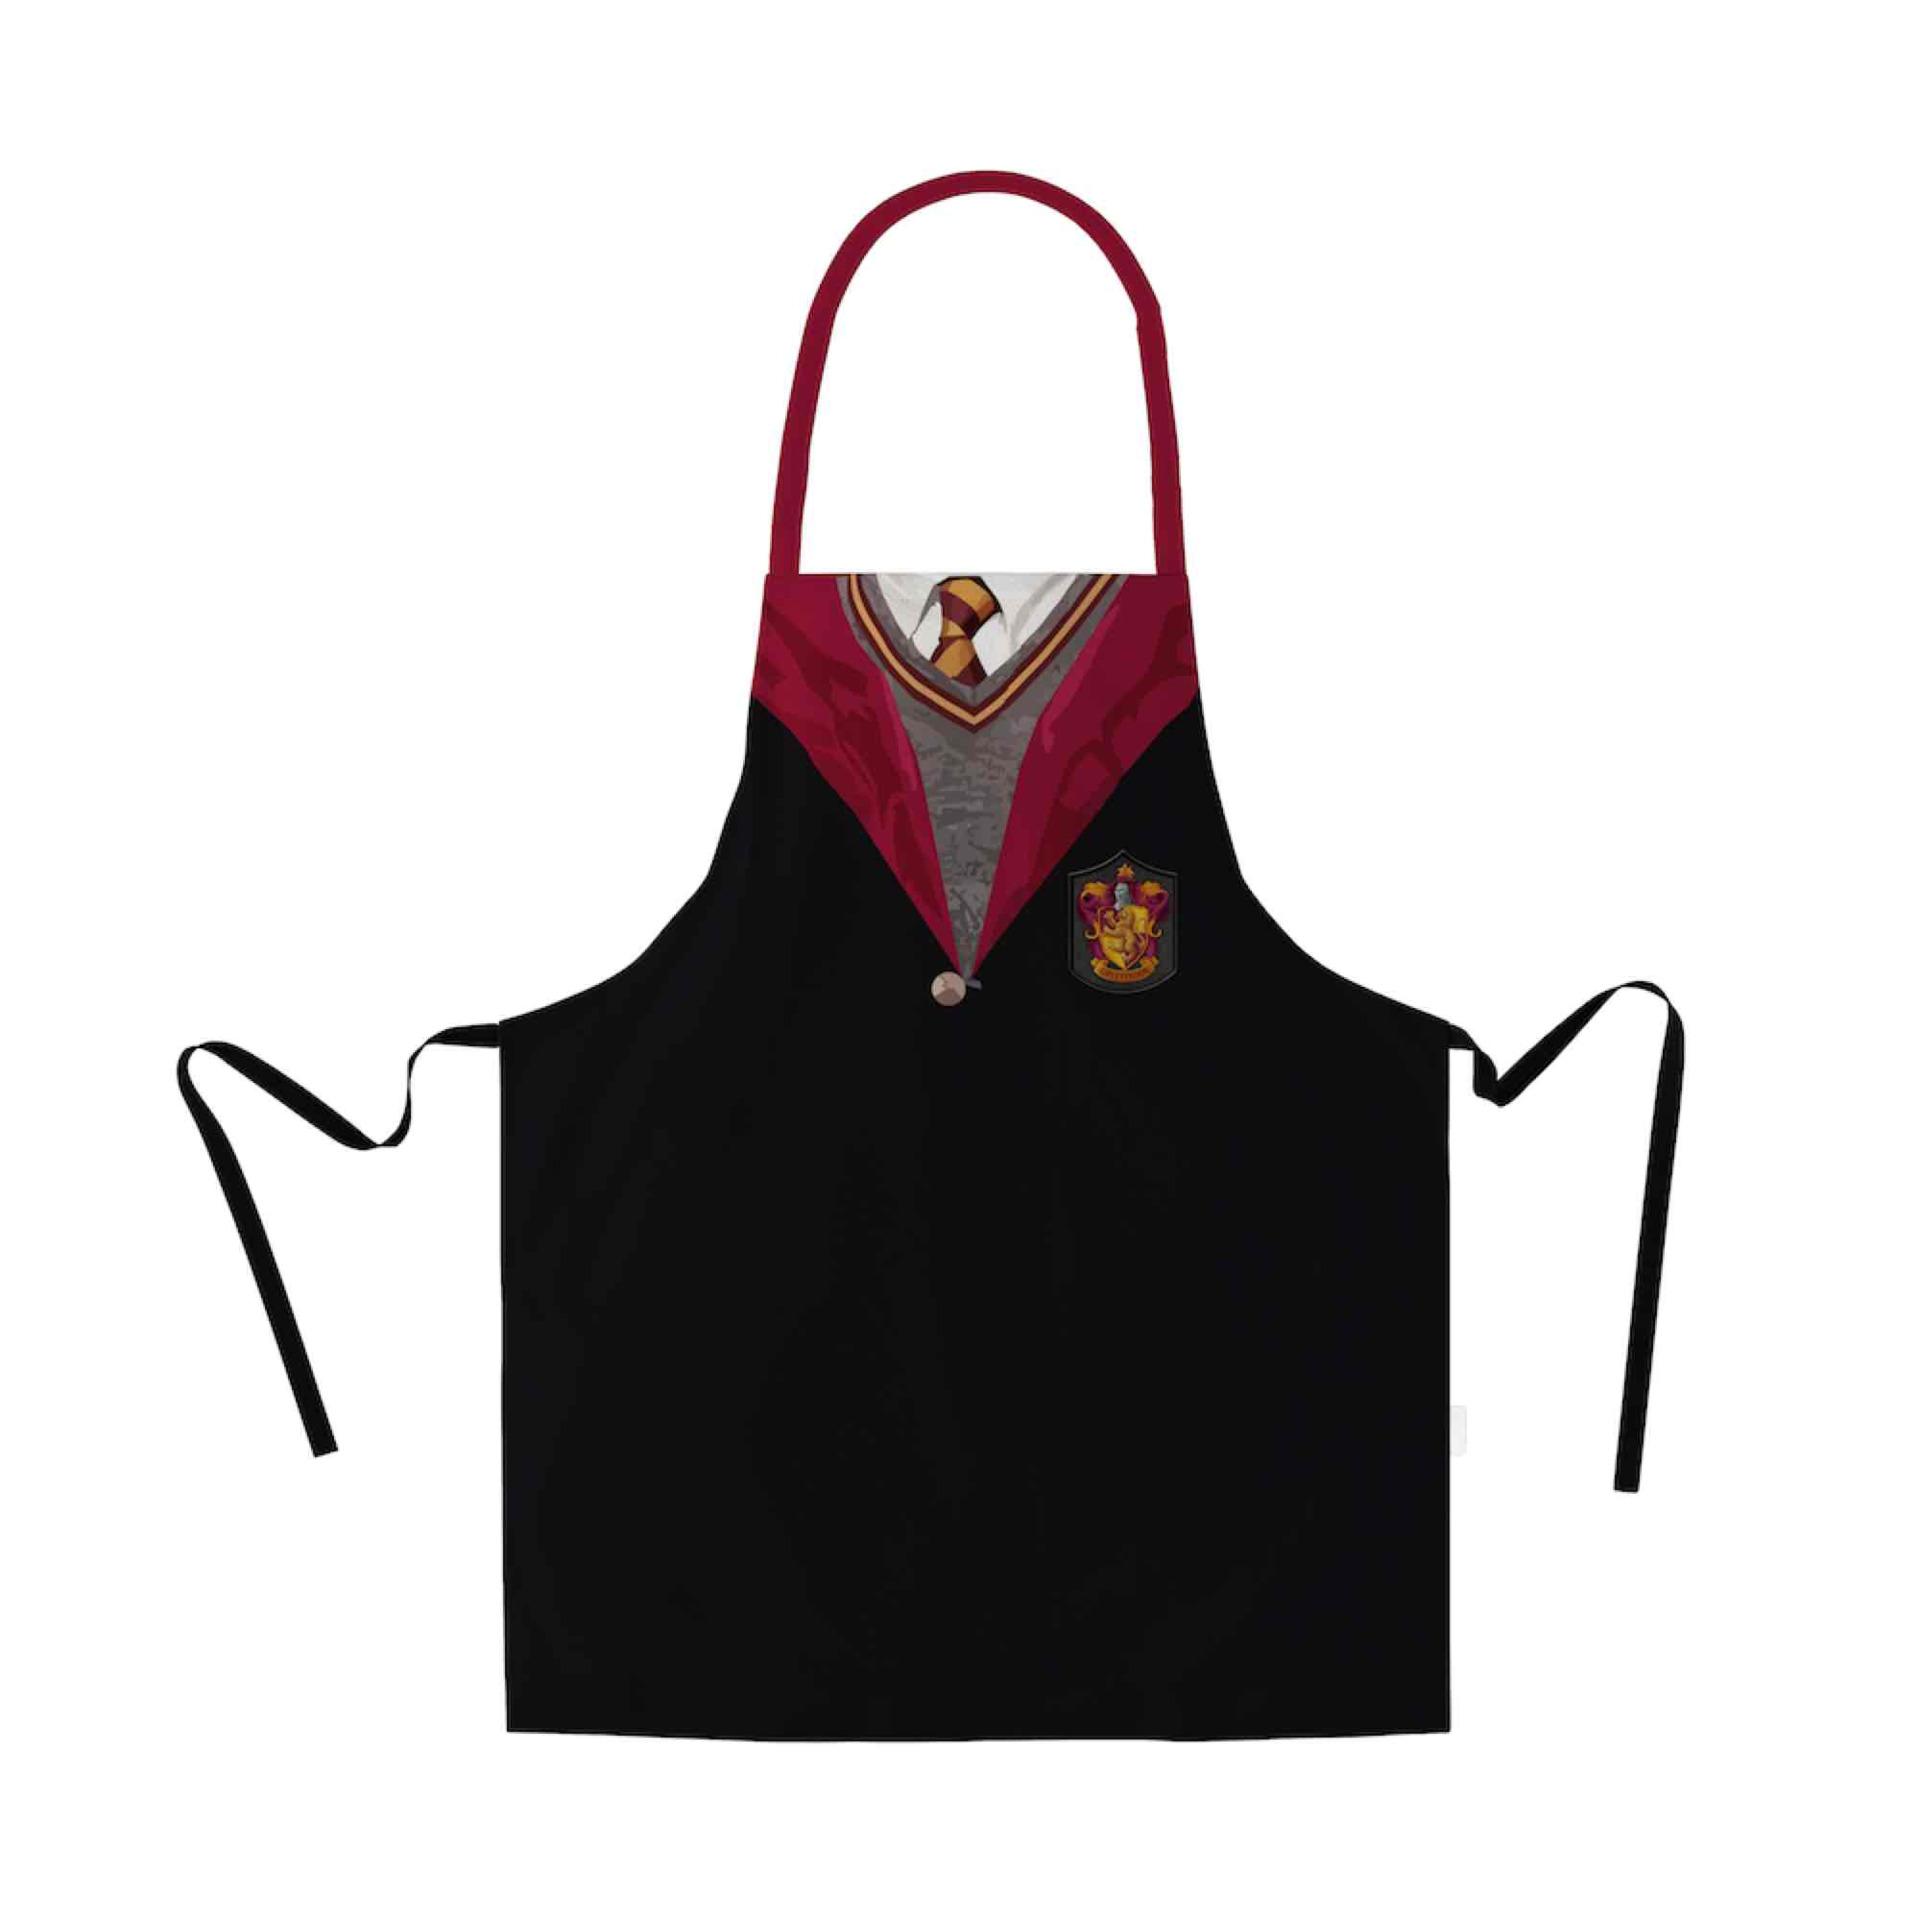 Zástěra Harry Potter - Gryffindor Uniform